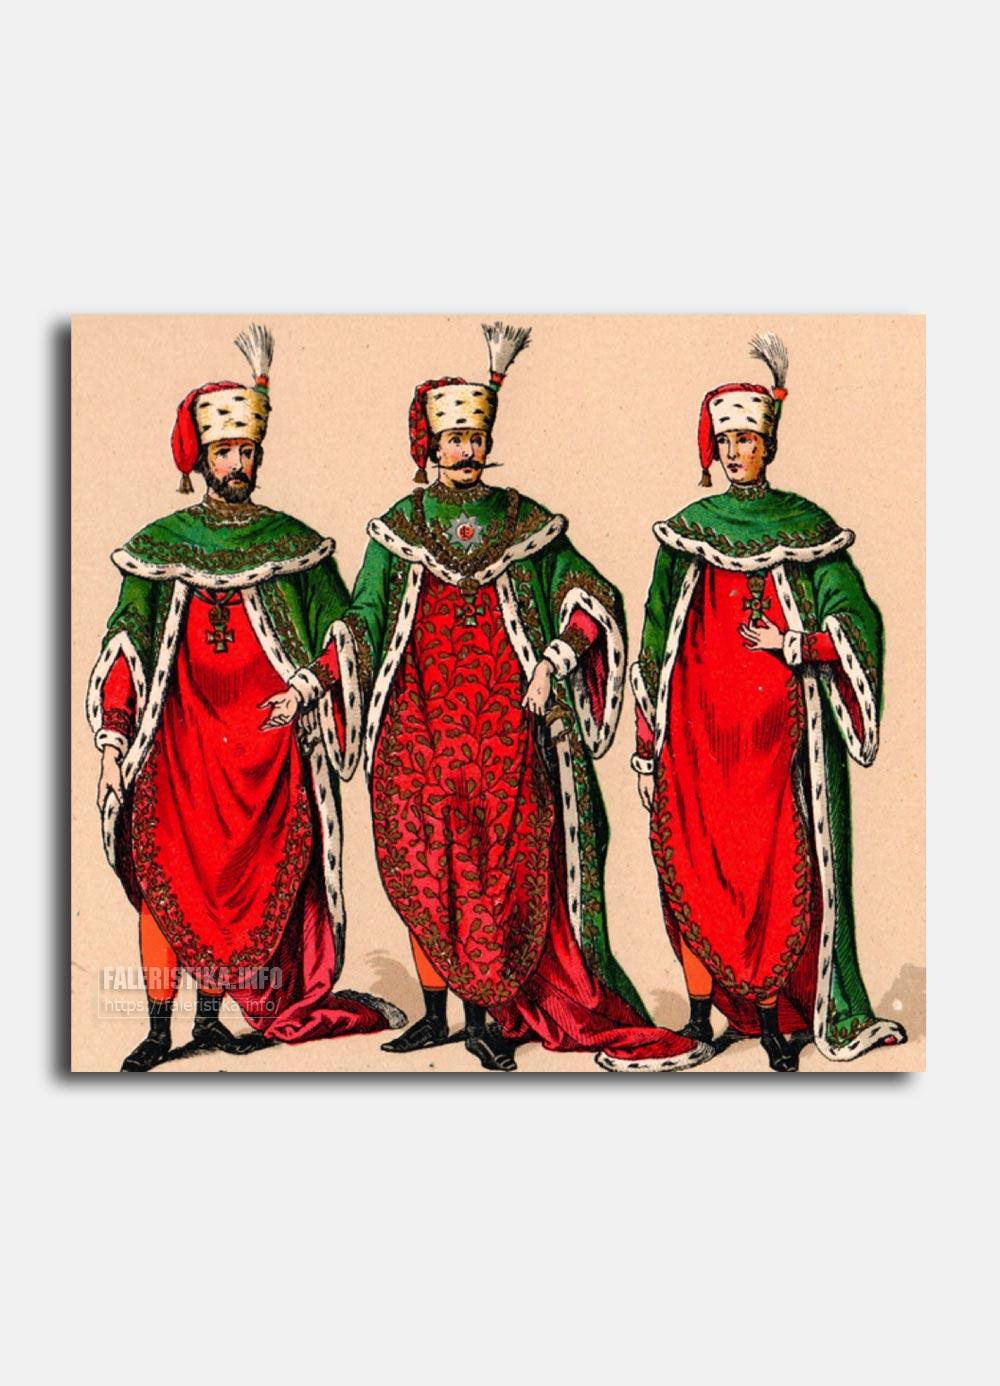 Орден Св. Стефана. Церемониальные одежды. Командор Ордена, кавалер Большого Креста Ордена, Рыцарь Ордена